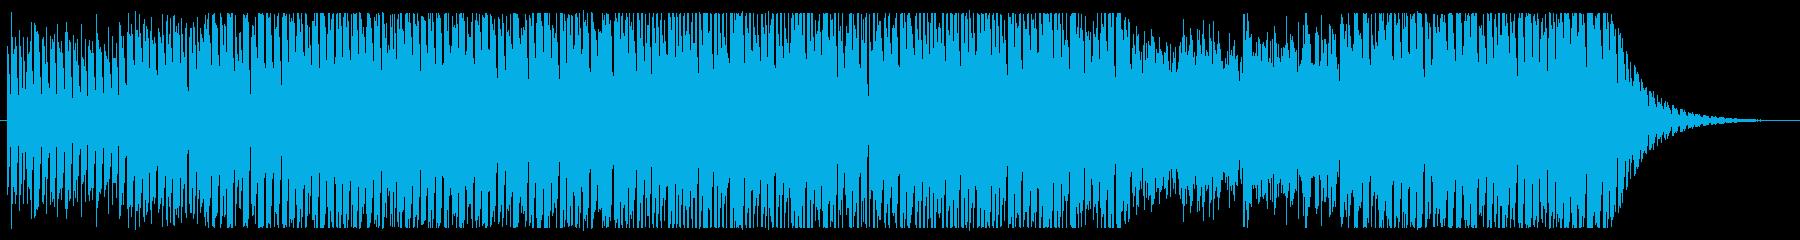 青空の下でウキウキお散歩の明るい曲の再生済みの波形